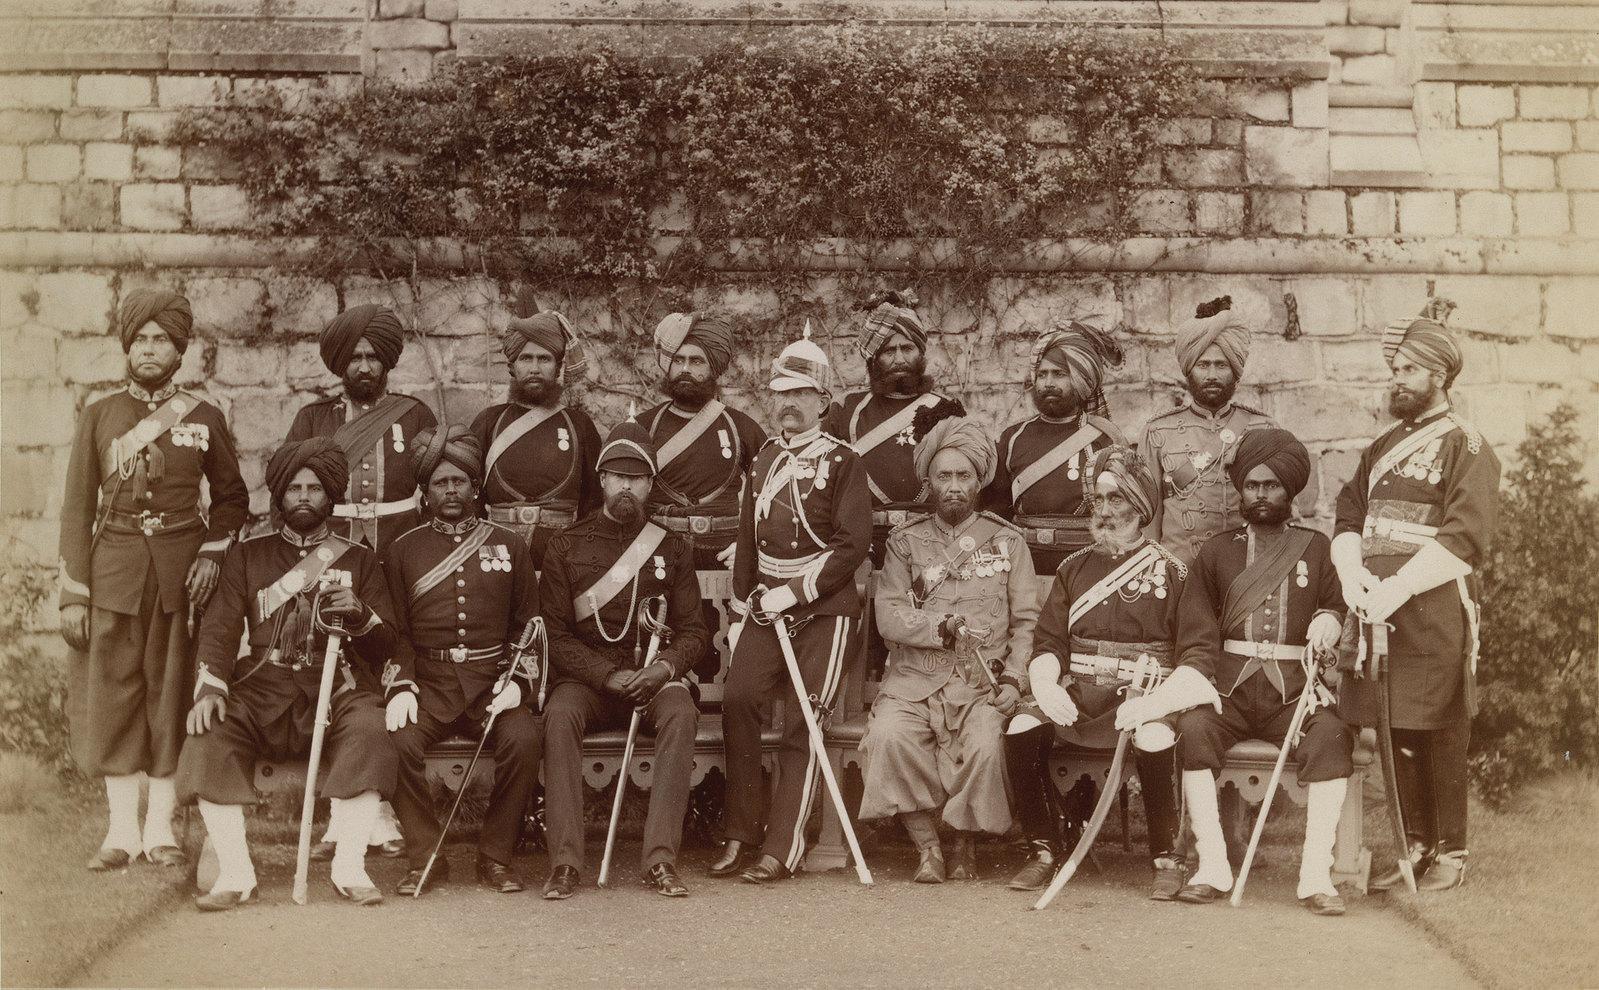 22. Офицеры из индийского контингента, служившие в англо-египетской войне 24 ноября 1883.